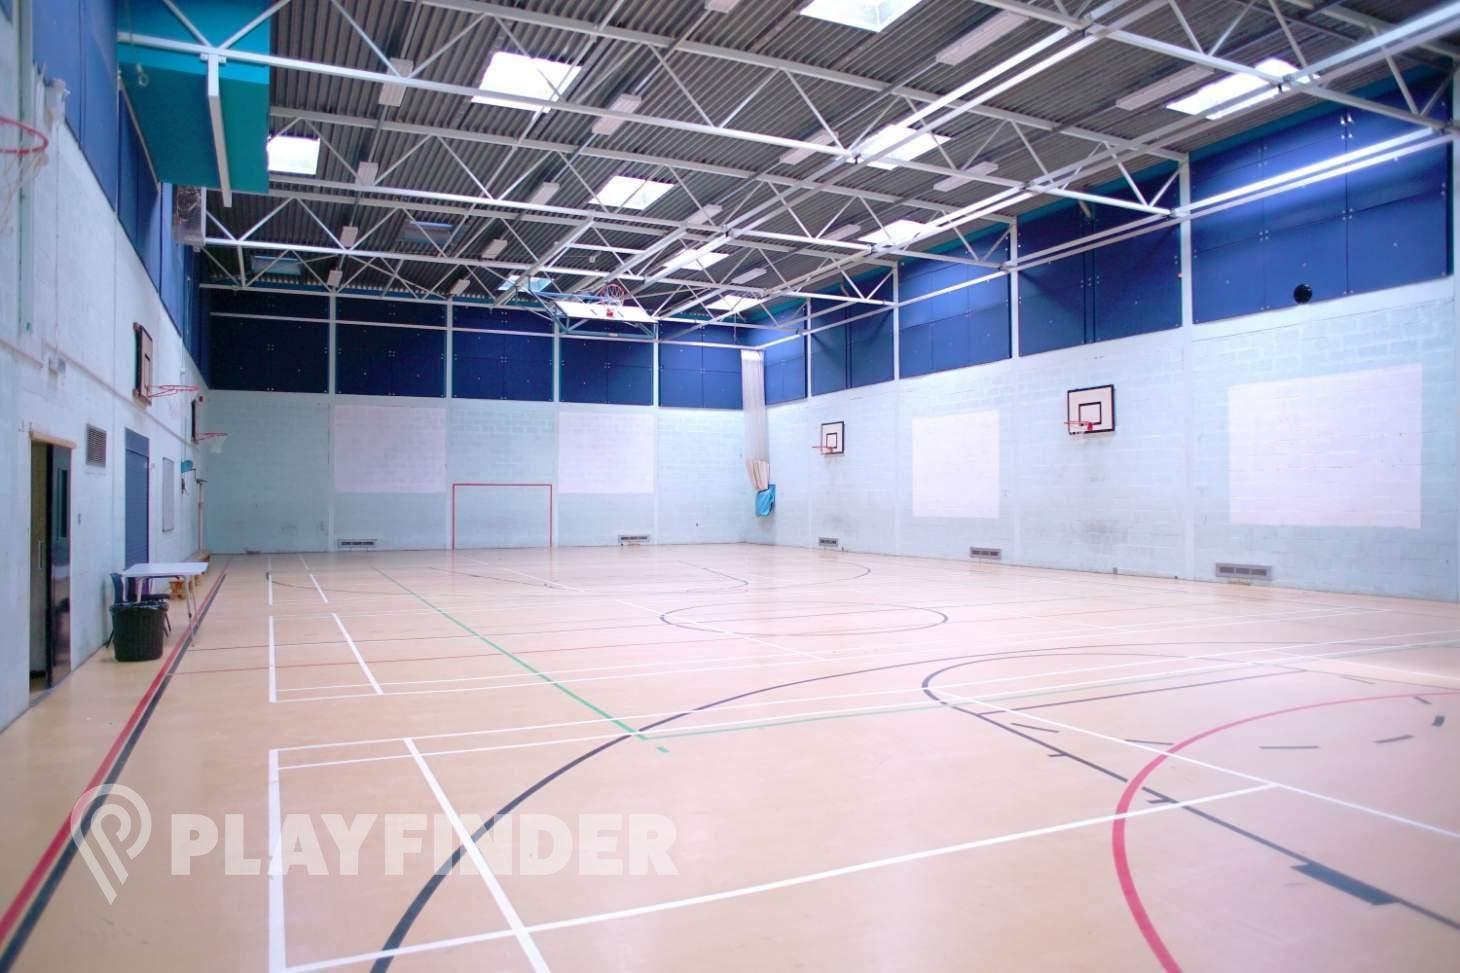 Furze Platt Leisure Centre Indoor | Hard badminton court